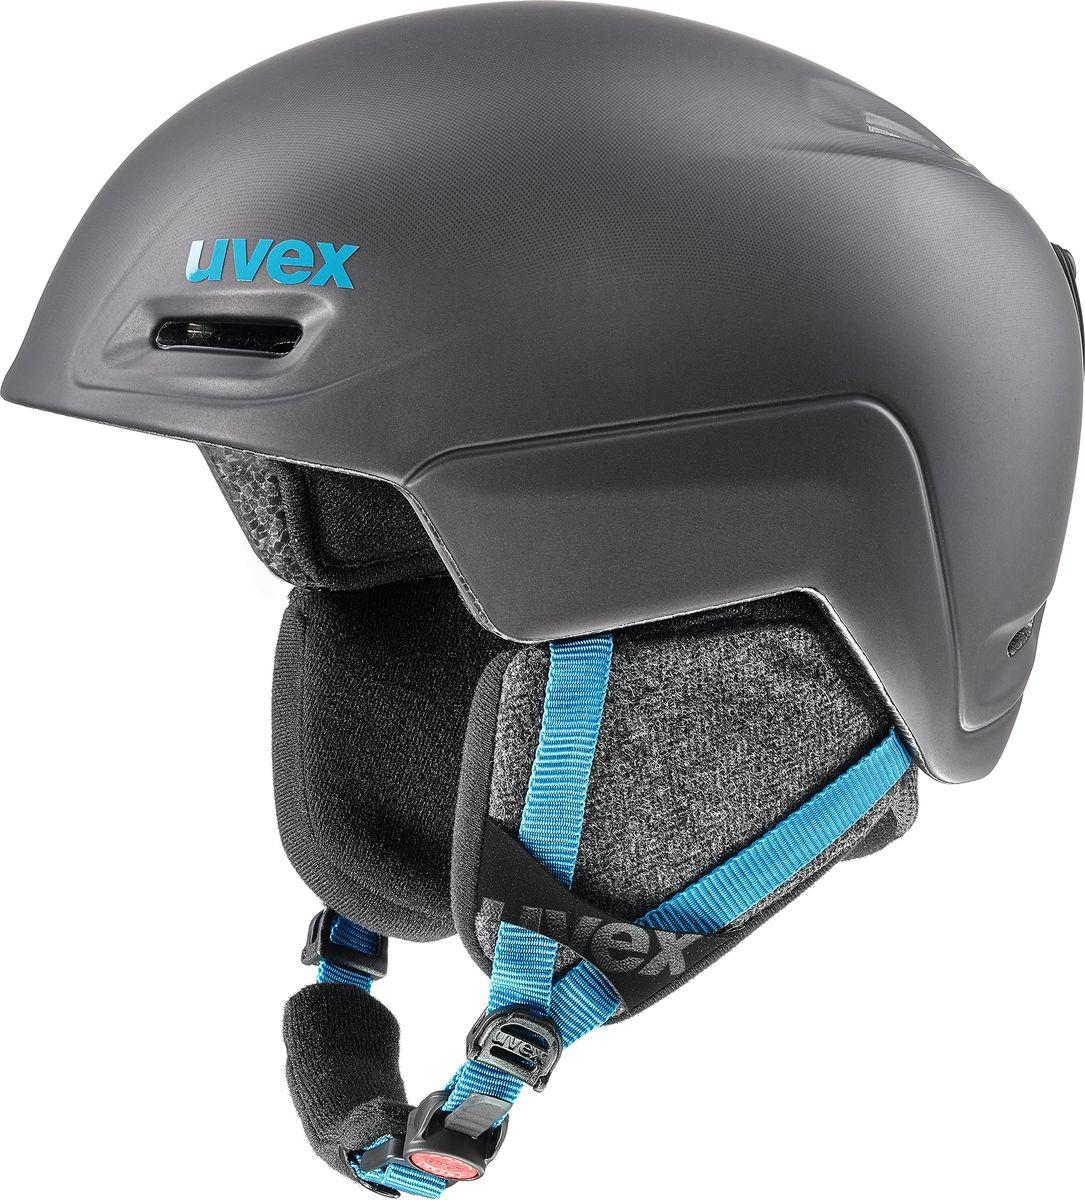 Шлем горнолыжный мужской Uvex Jimm Helmet, 6206-54, черный, синий. Размер M шлем горнолыжный для мальчика uvex airwing 2 kid s helmet 6132 46 синий размер xxs